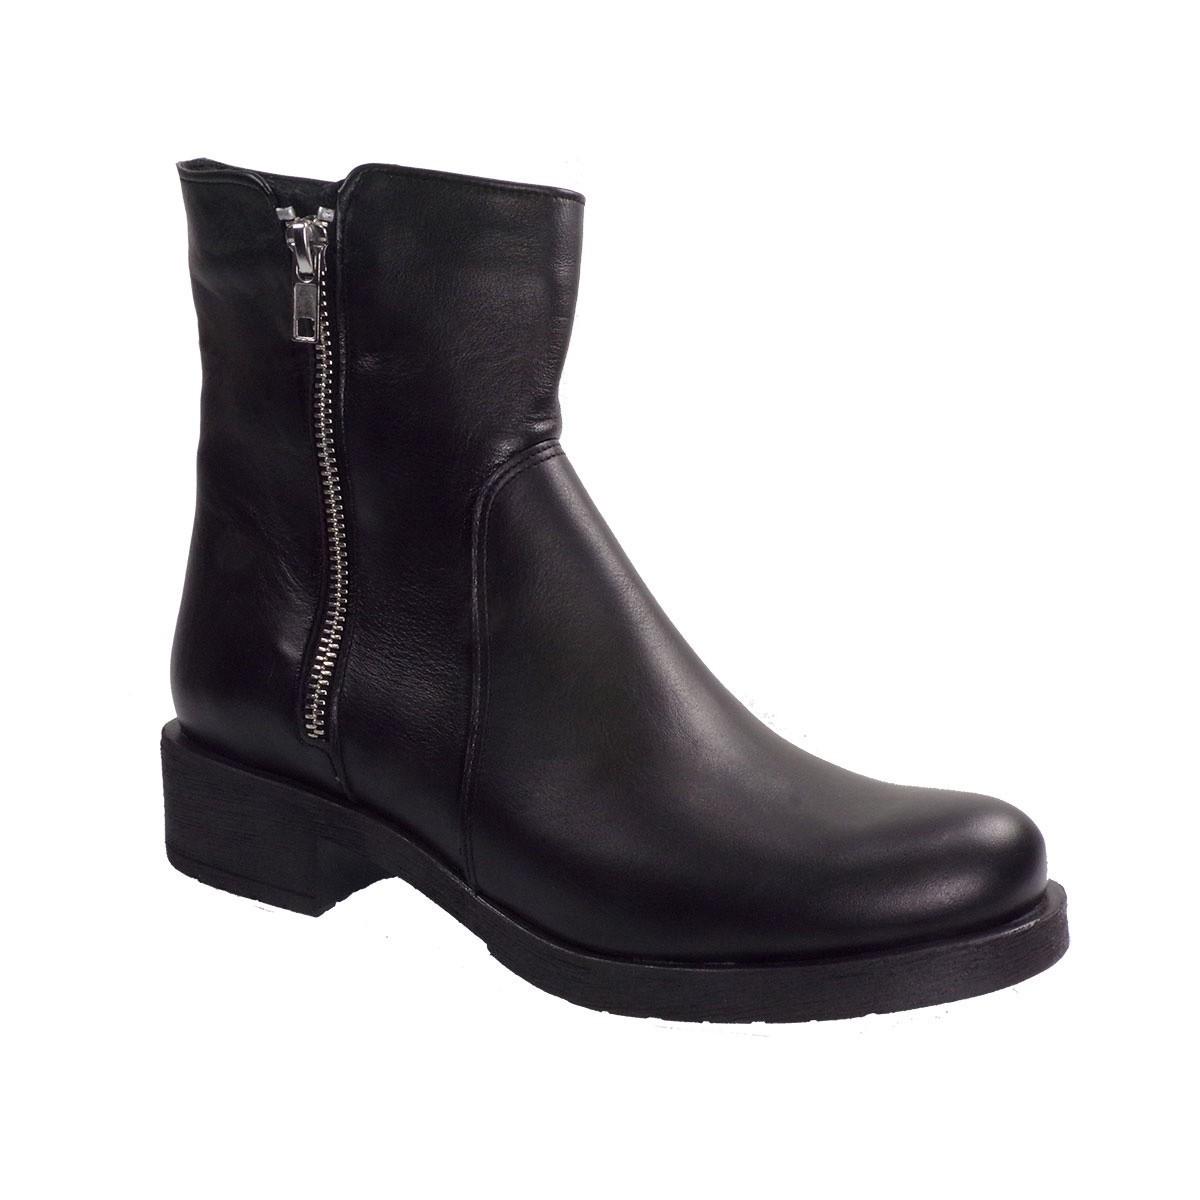 Envie Shoes Γυναικεία Παπούτσια Μποτάκια E02-08013 Μαύρο Δέρμα